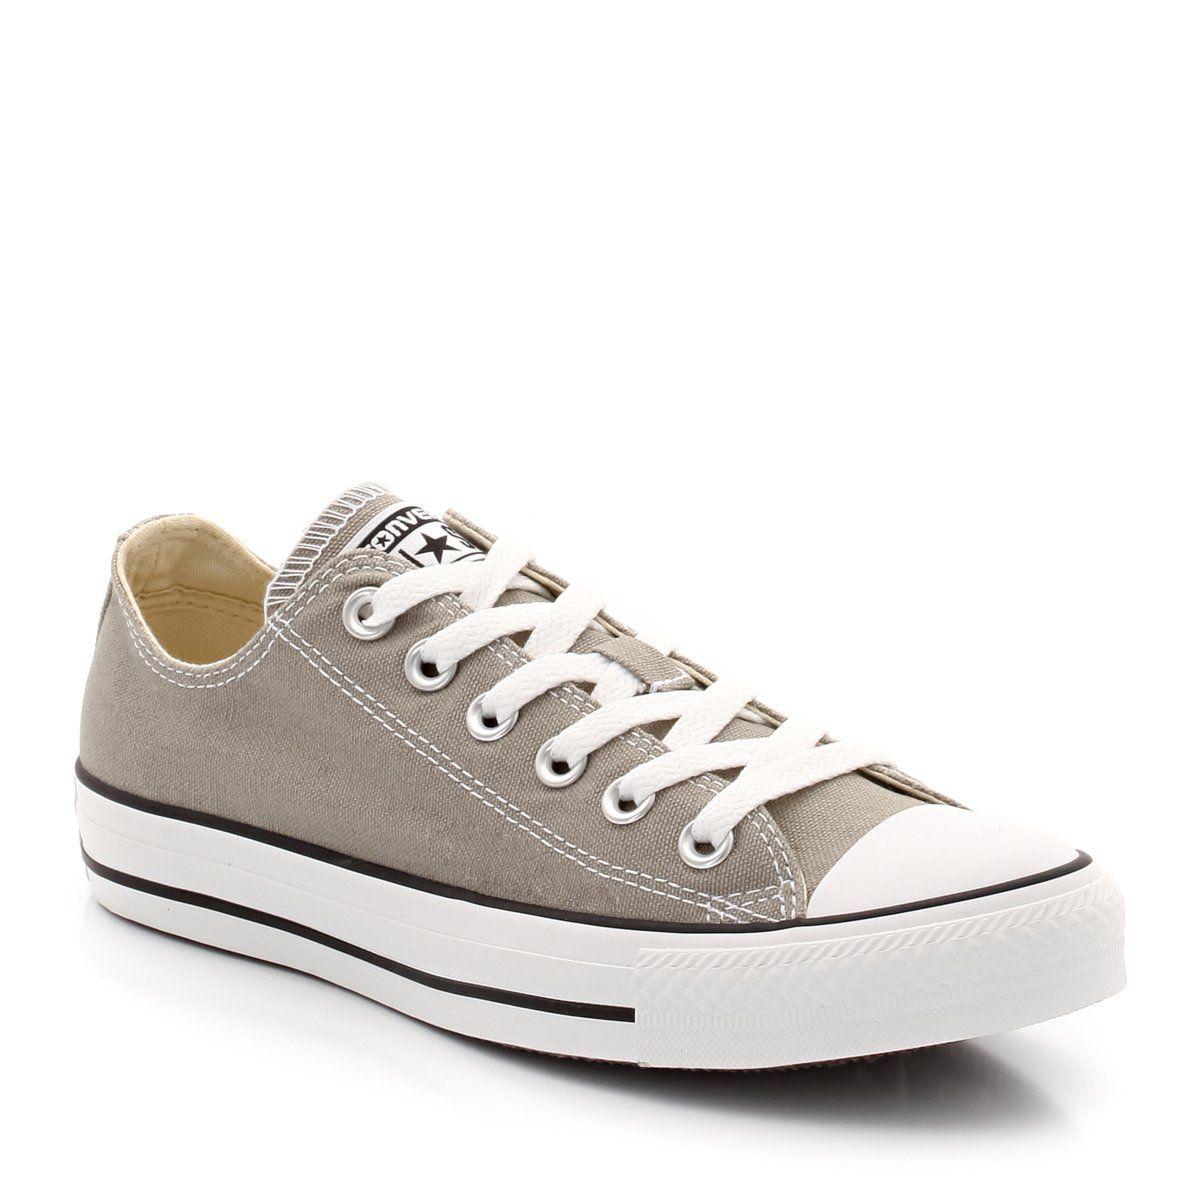 Zapatillas deportivas de caña baja de tela de color gris